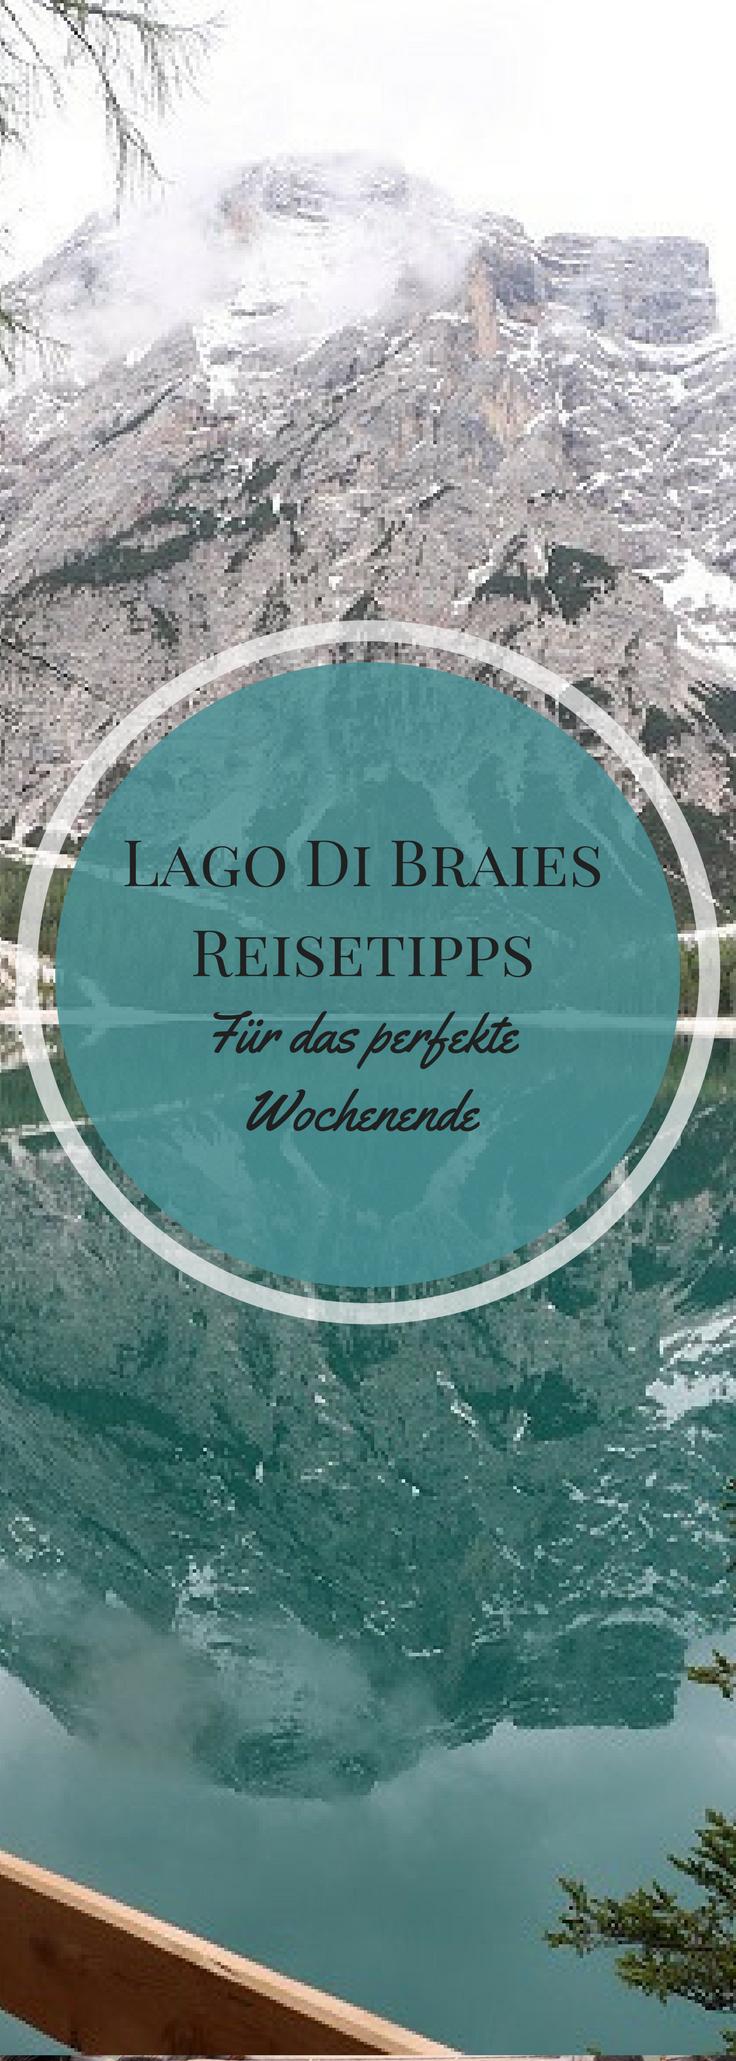 Photo of Lago di Braies Reisetipps: so wird dein Aufenthalt unvergesslich!